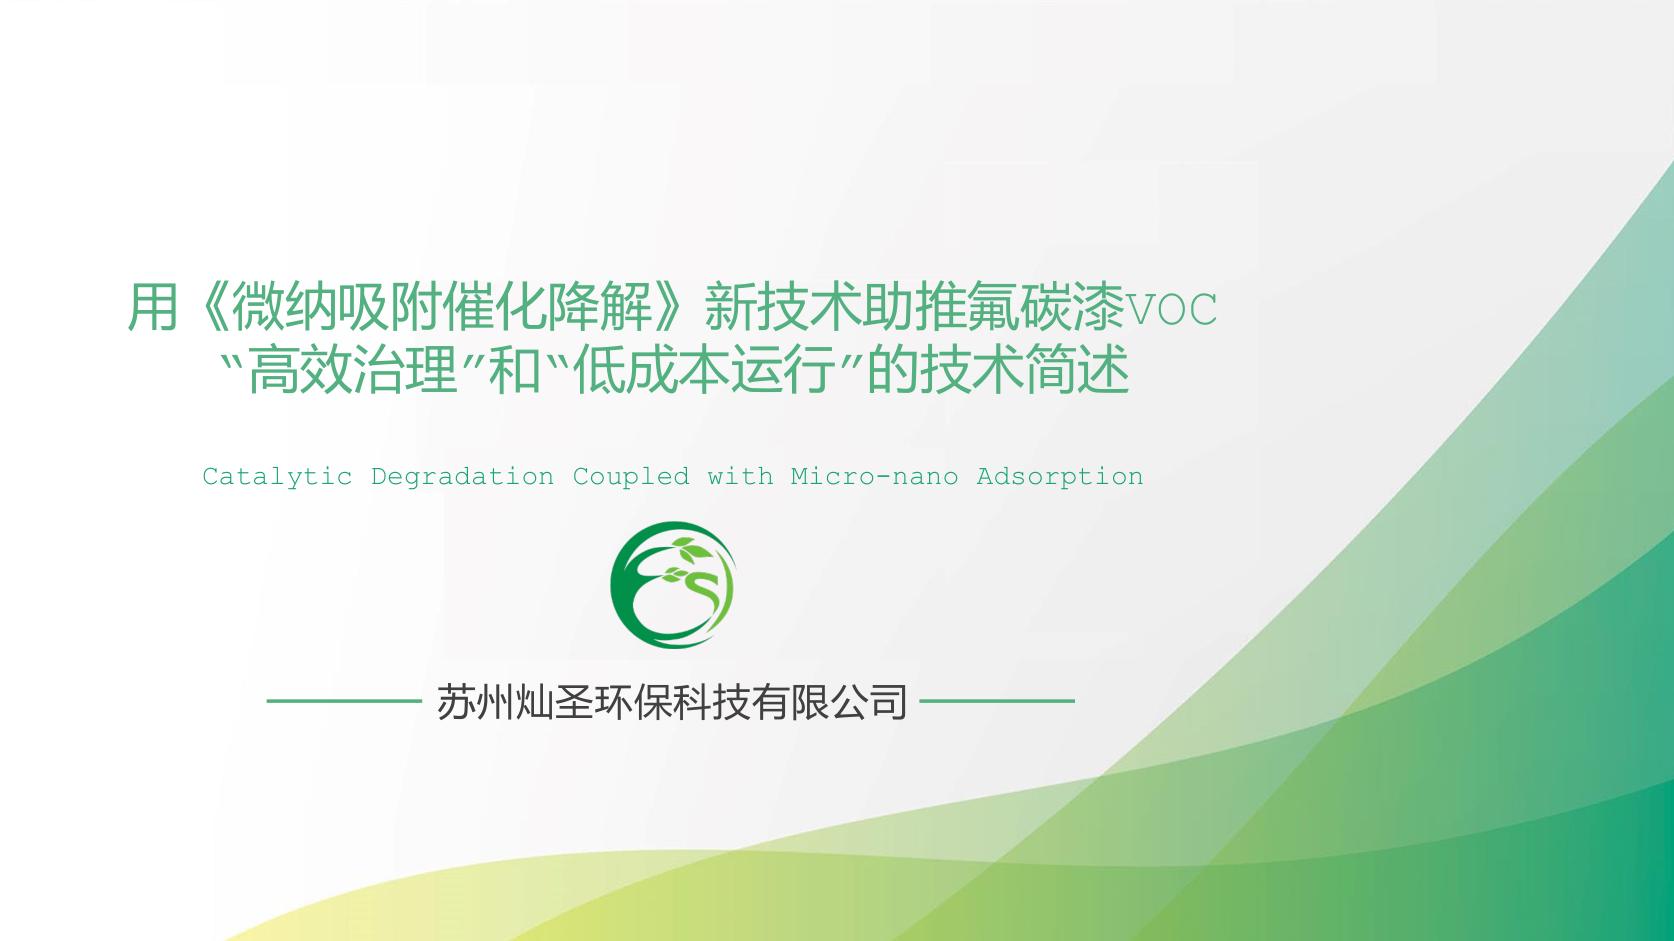 """用《微纳吸附催化降解》新技术助推氟碳漆VOC""""高效治理""""和""""低成本运行""""的技术简述"""